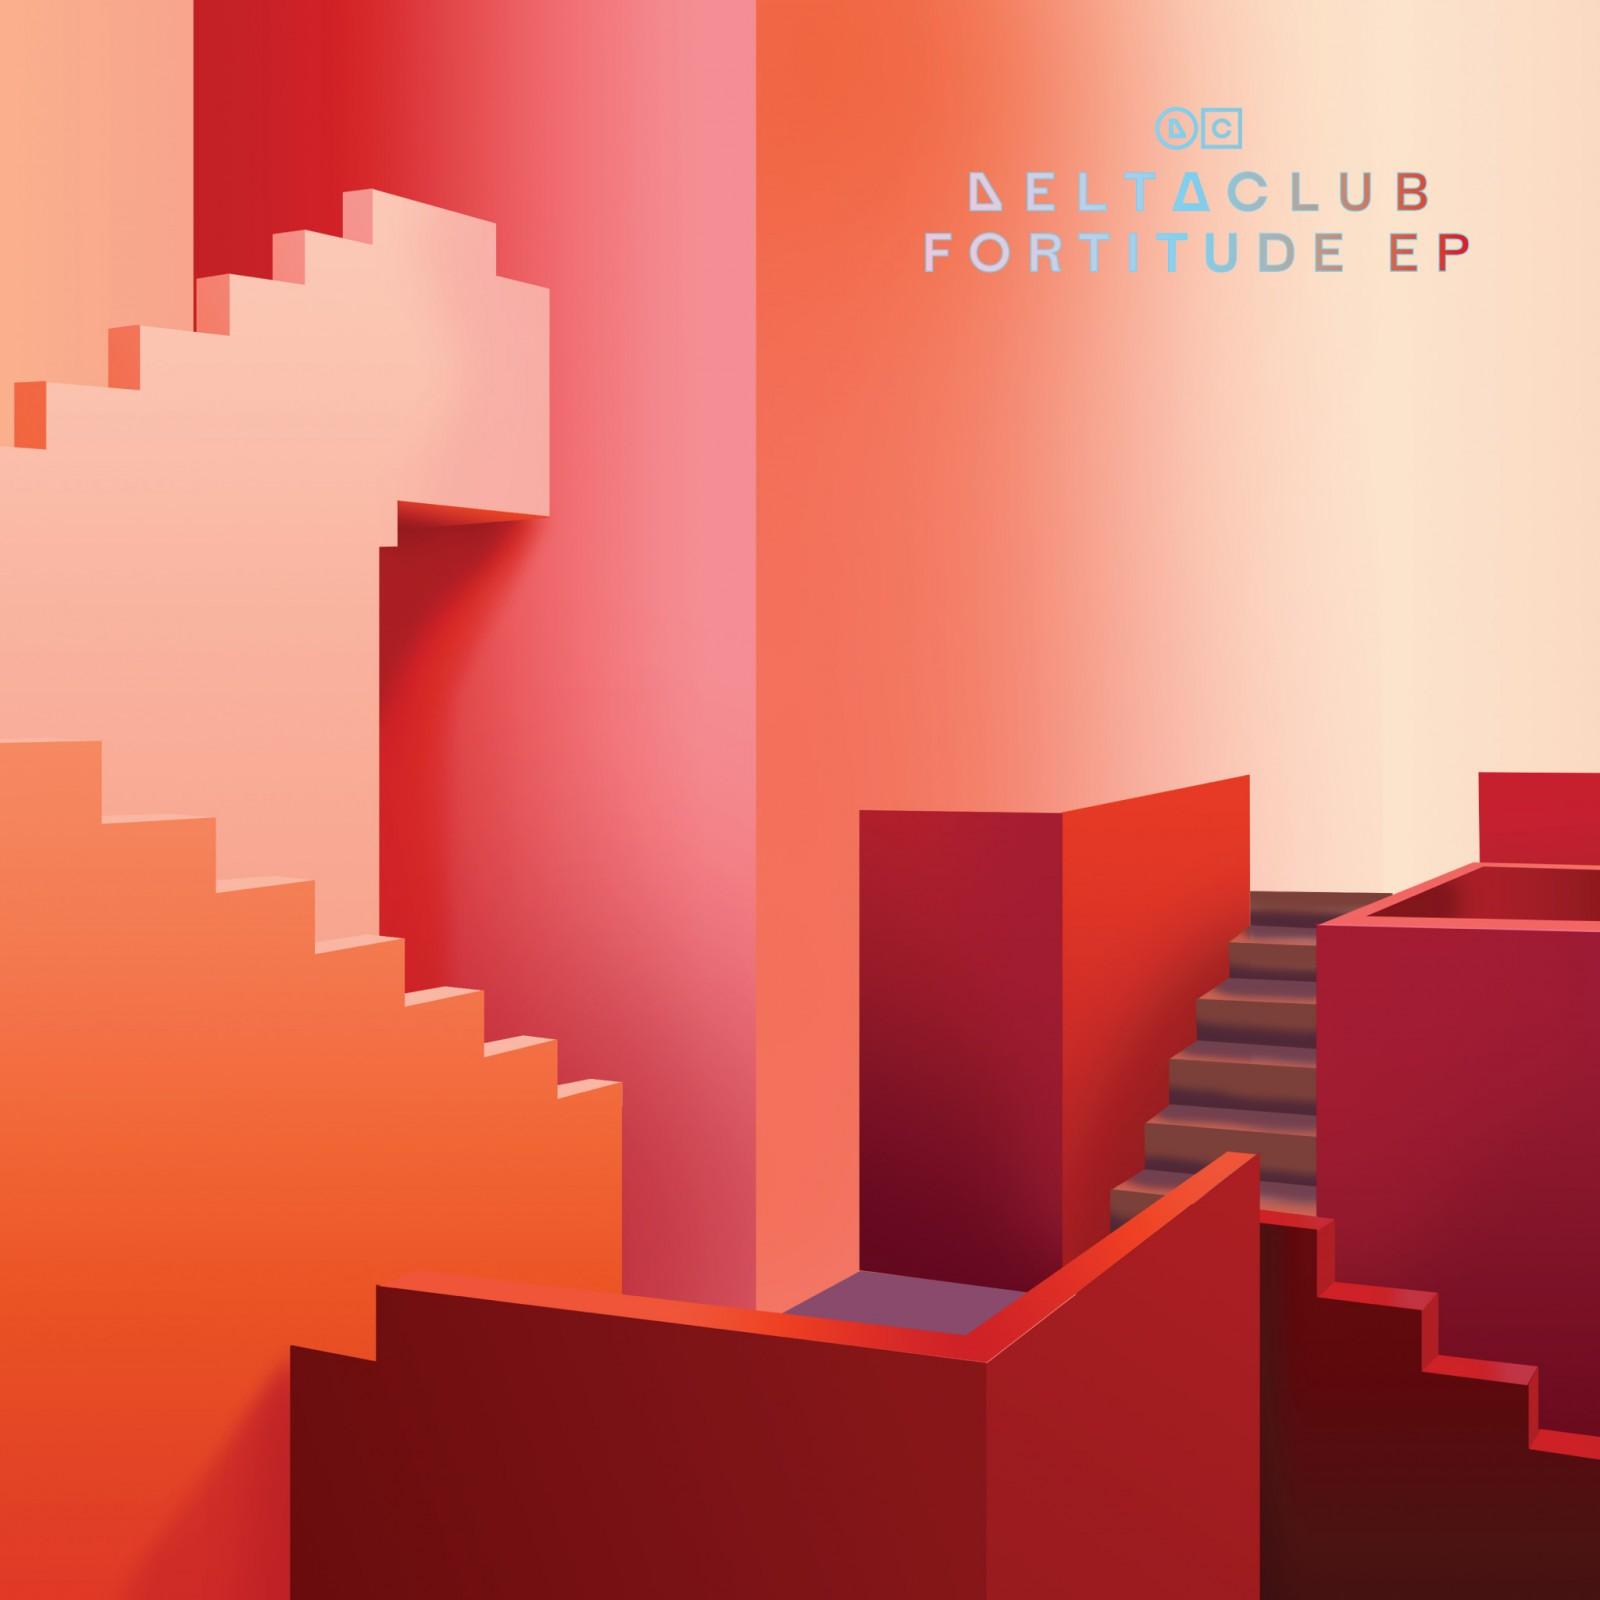 Delta Club - Fortitude EP